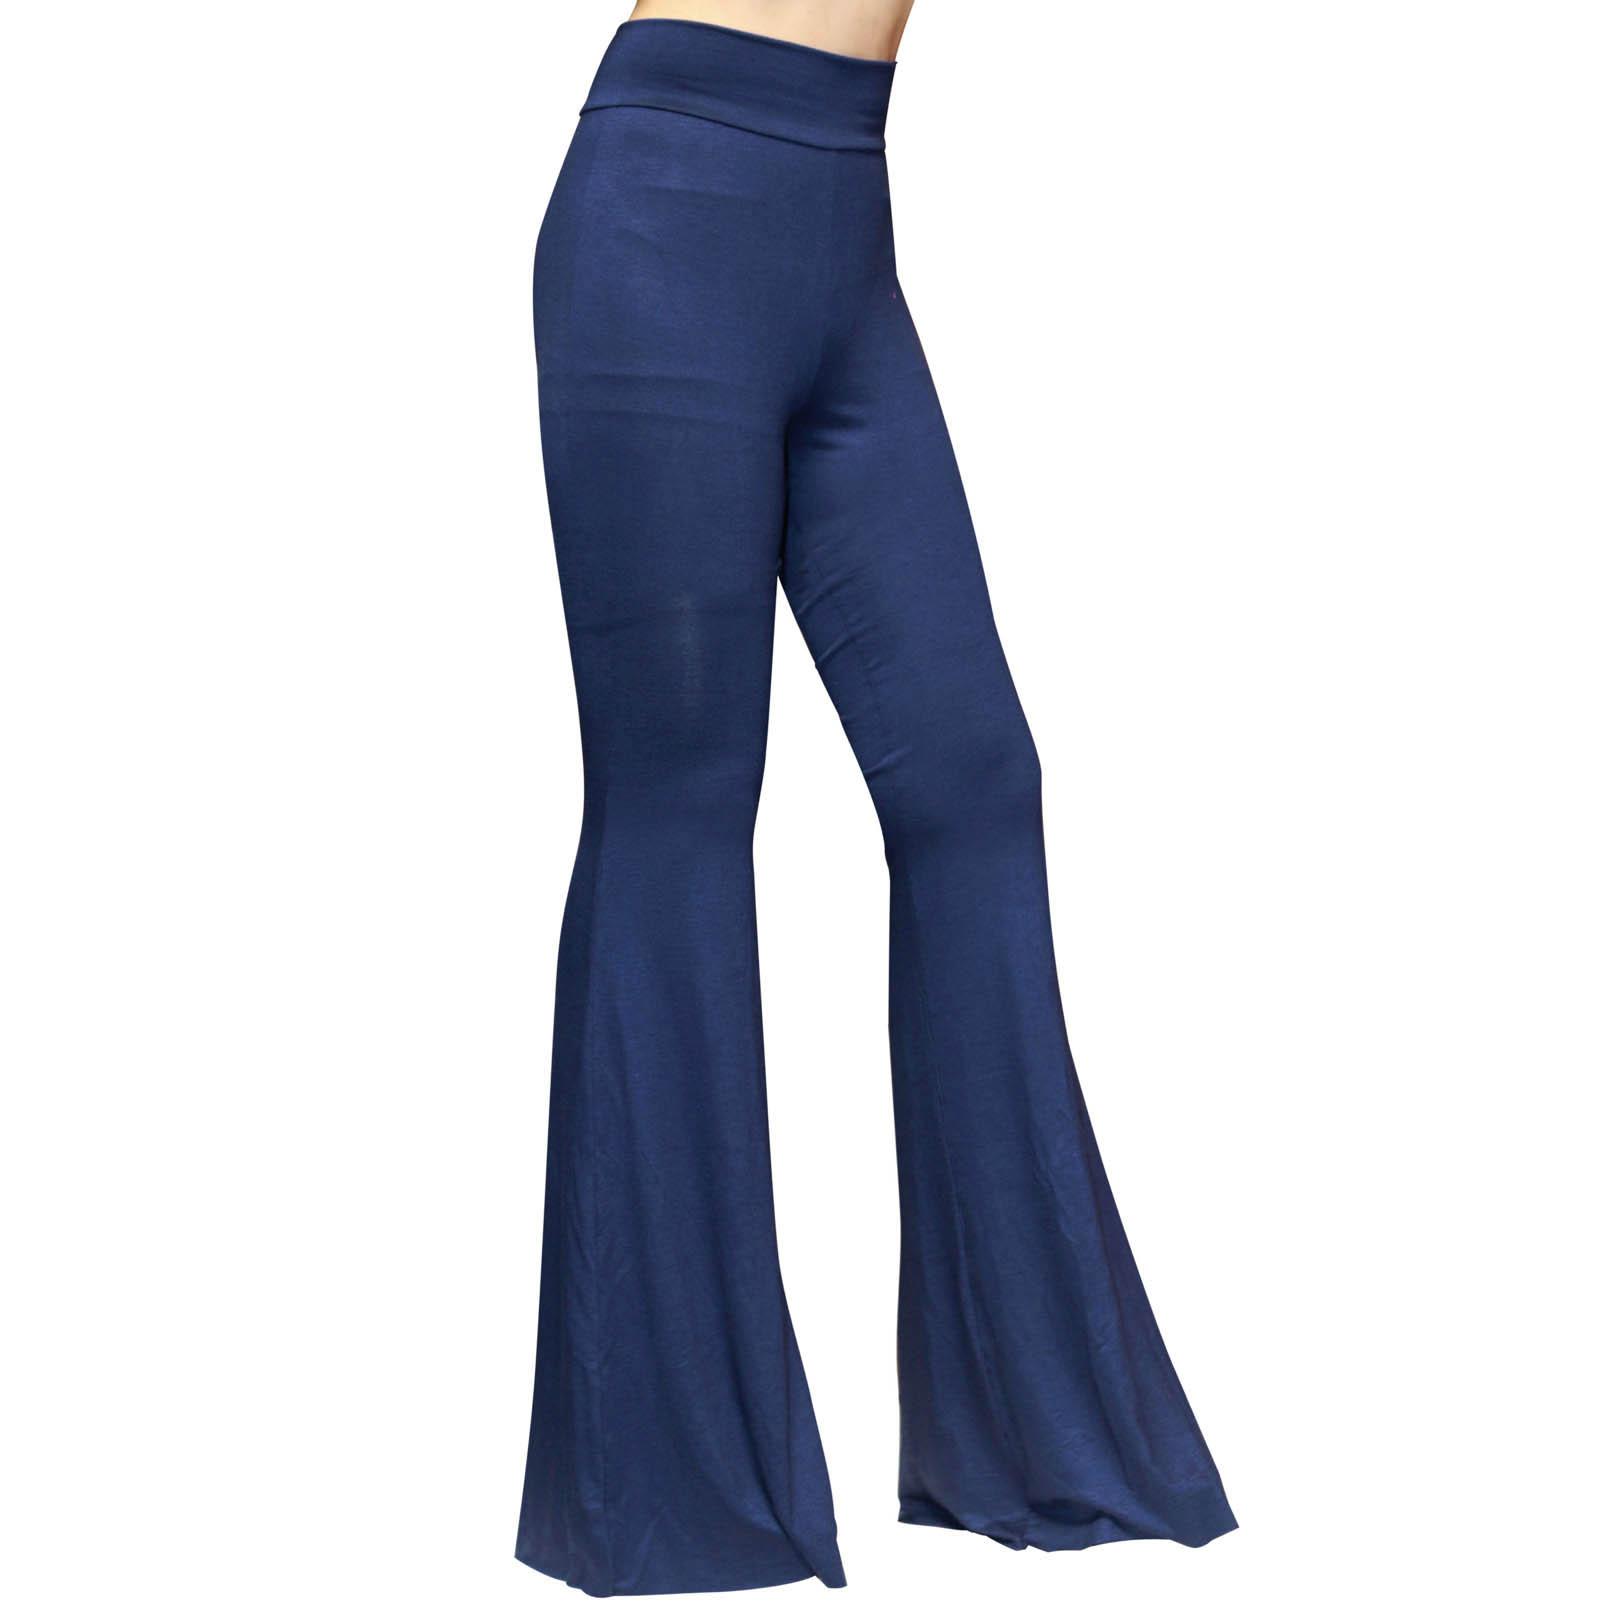 Boho Hippie High Waist Wide Leg Long Flared Bell Bottom Pants ...